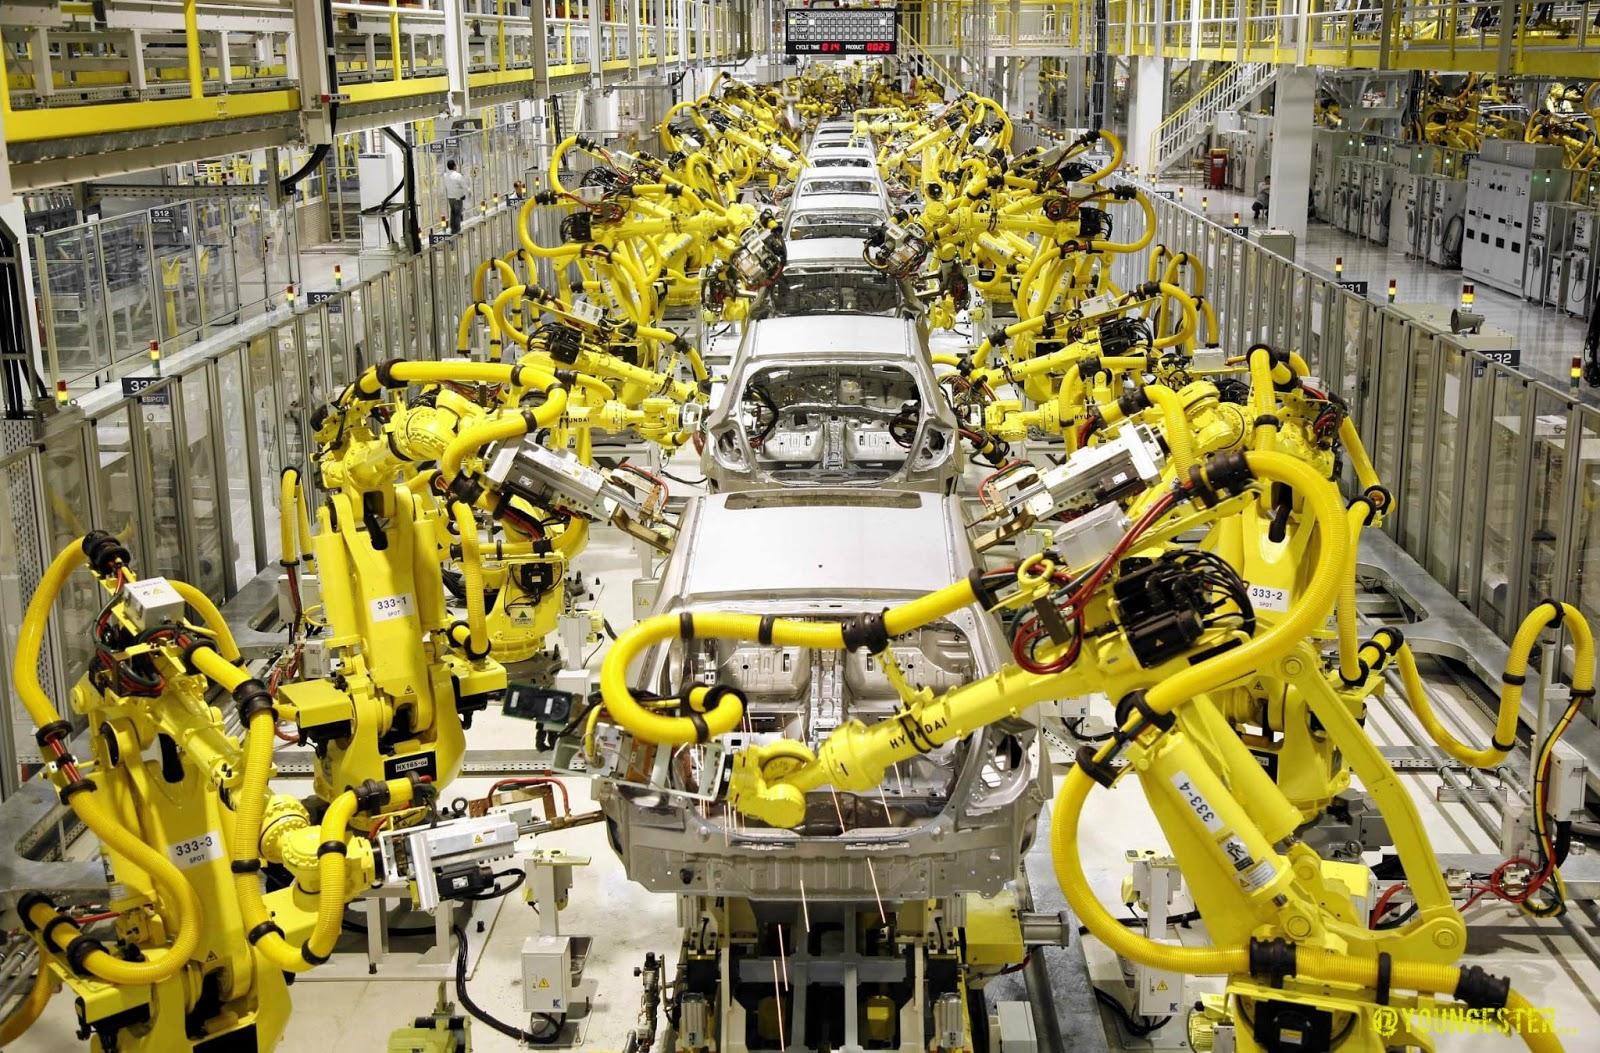 La robotique industrielle est-elle l'avenir des usines ?